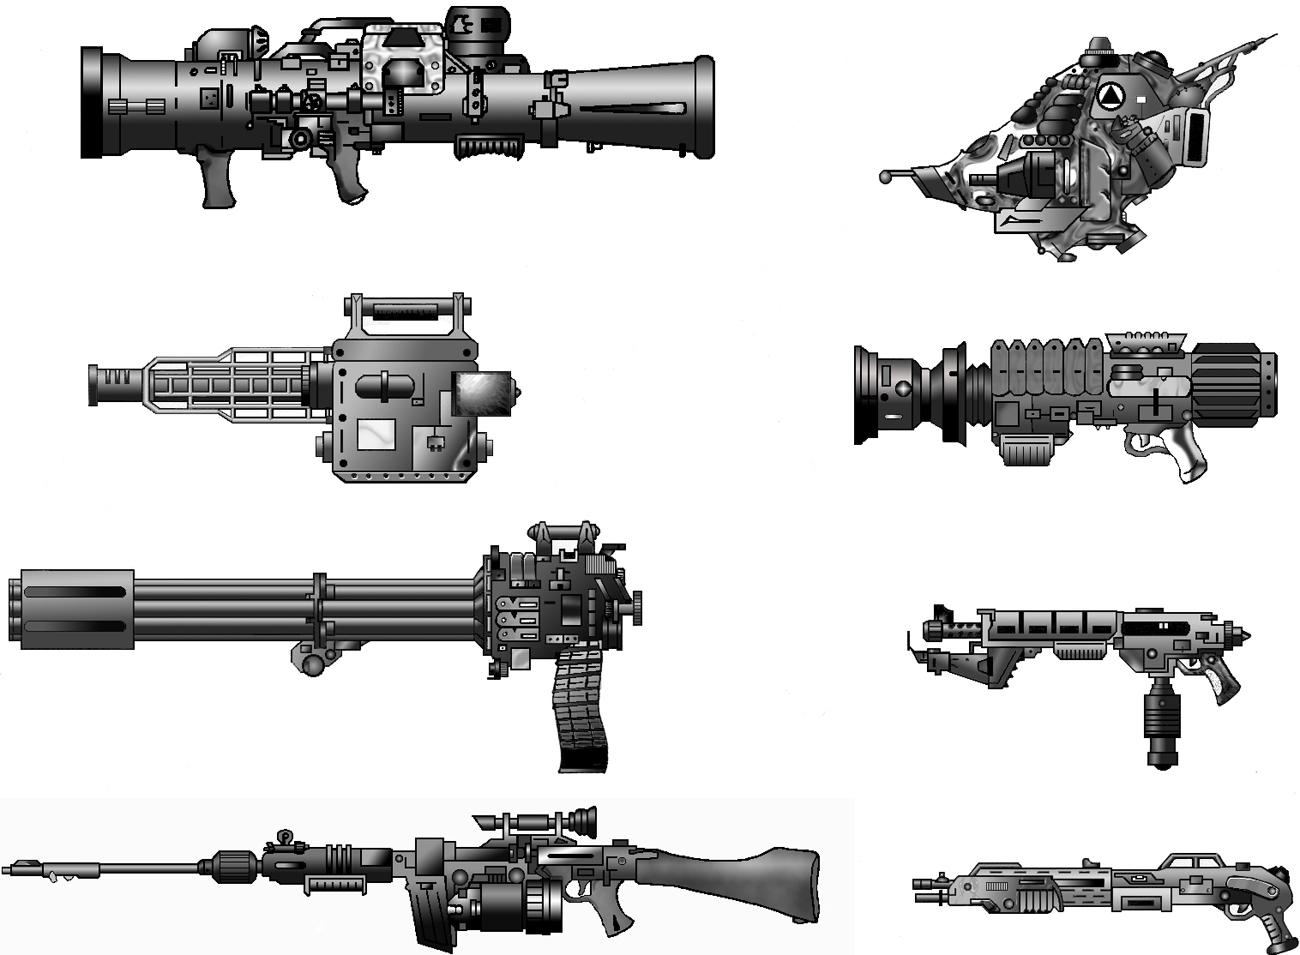 Drawn shotgun weapon Drawings  juanosarg Drawings Page